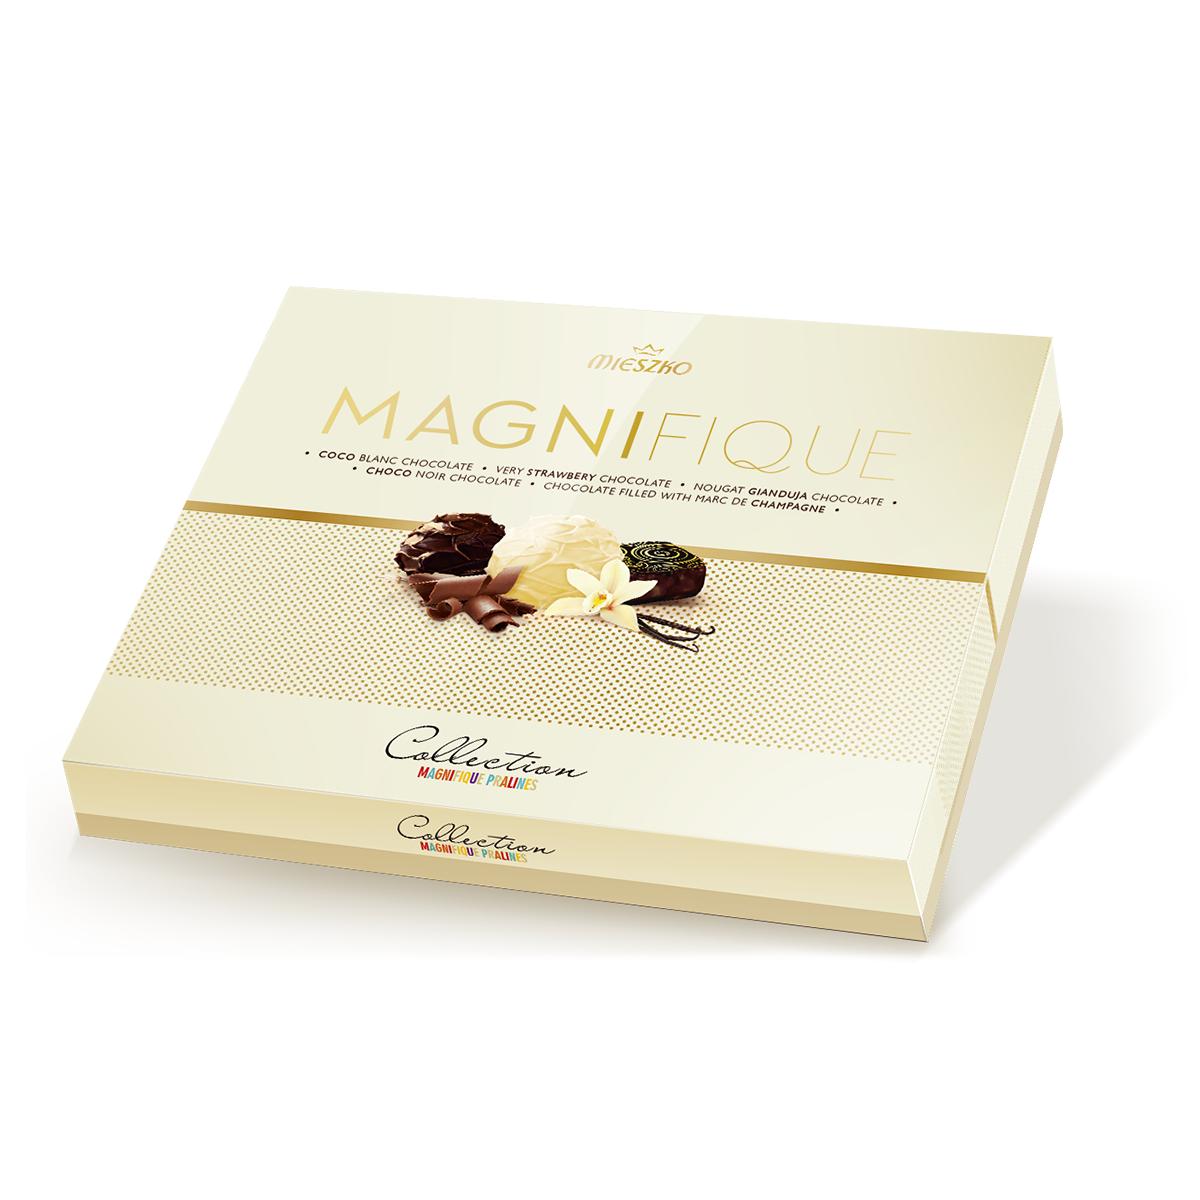 2020_09_09_magnifique_6